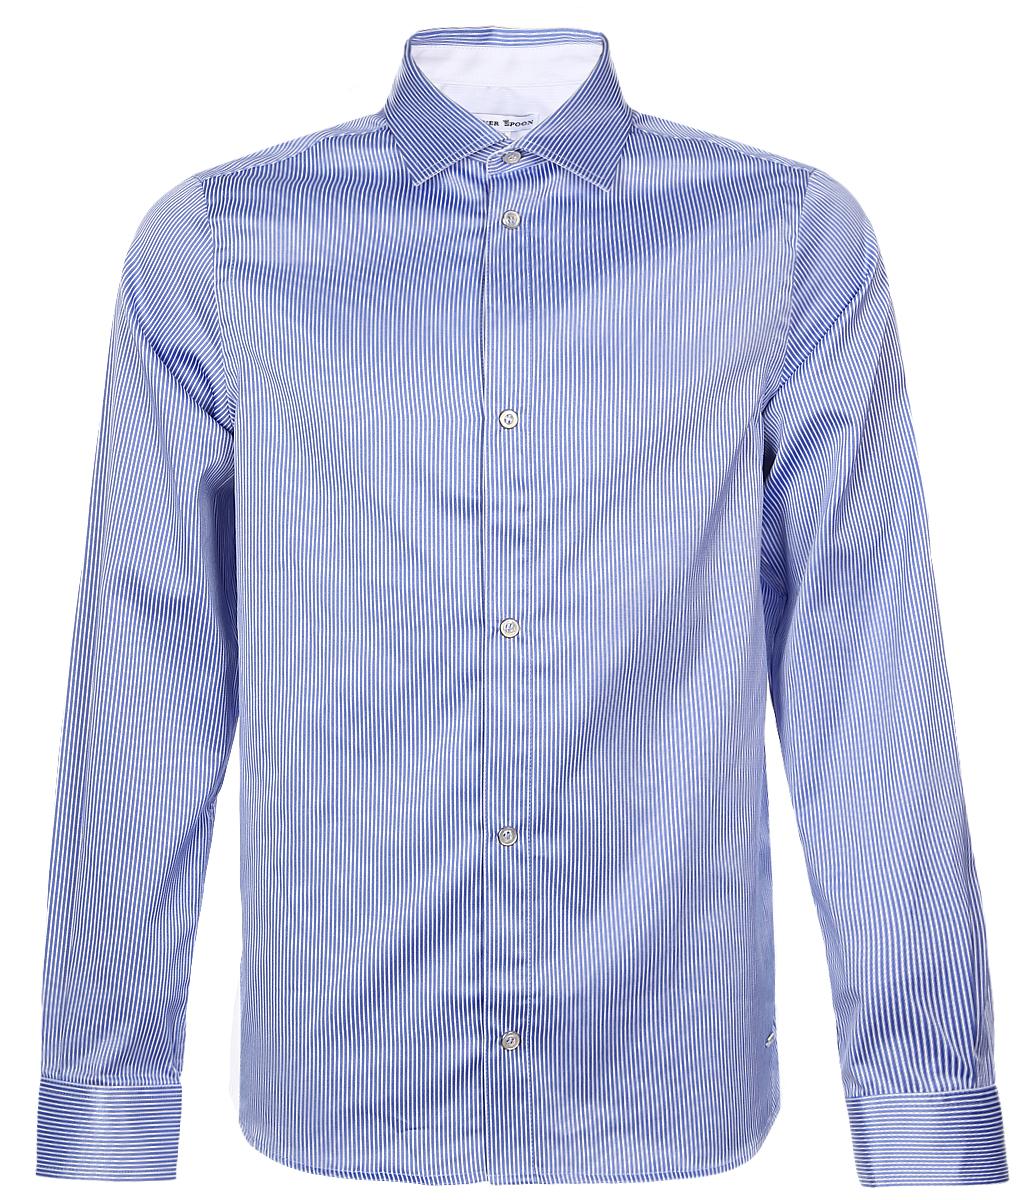 РубашкаSSFSB-629-13831-314Стильная рубашка Silver Spoon станет отличным дополнением к школьному гардеробу вашего мальчика. Модель, выполненная из хлопка с добавлением полиэстера, необычайно мягкая и приятная на ощупь, не сковывает движения и позволяет коже дышать. Рубашка классического кроя с длинными рукавами и отложным воротником застегивается на пуговицы по всей длине. На манжетах предусмотрены застежки-пуговицы. Модель оформлена принтом в полоску.